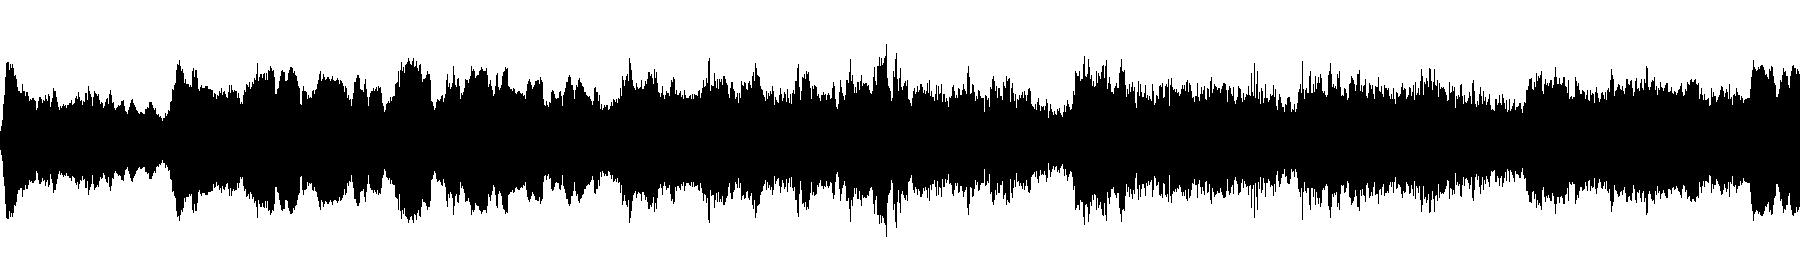 syn14 130